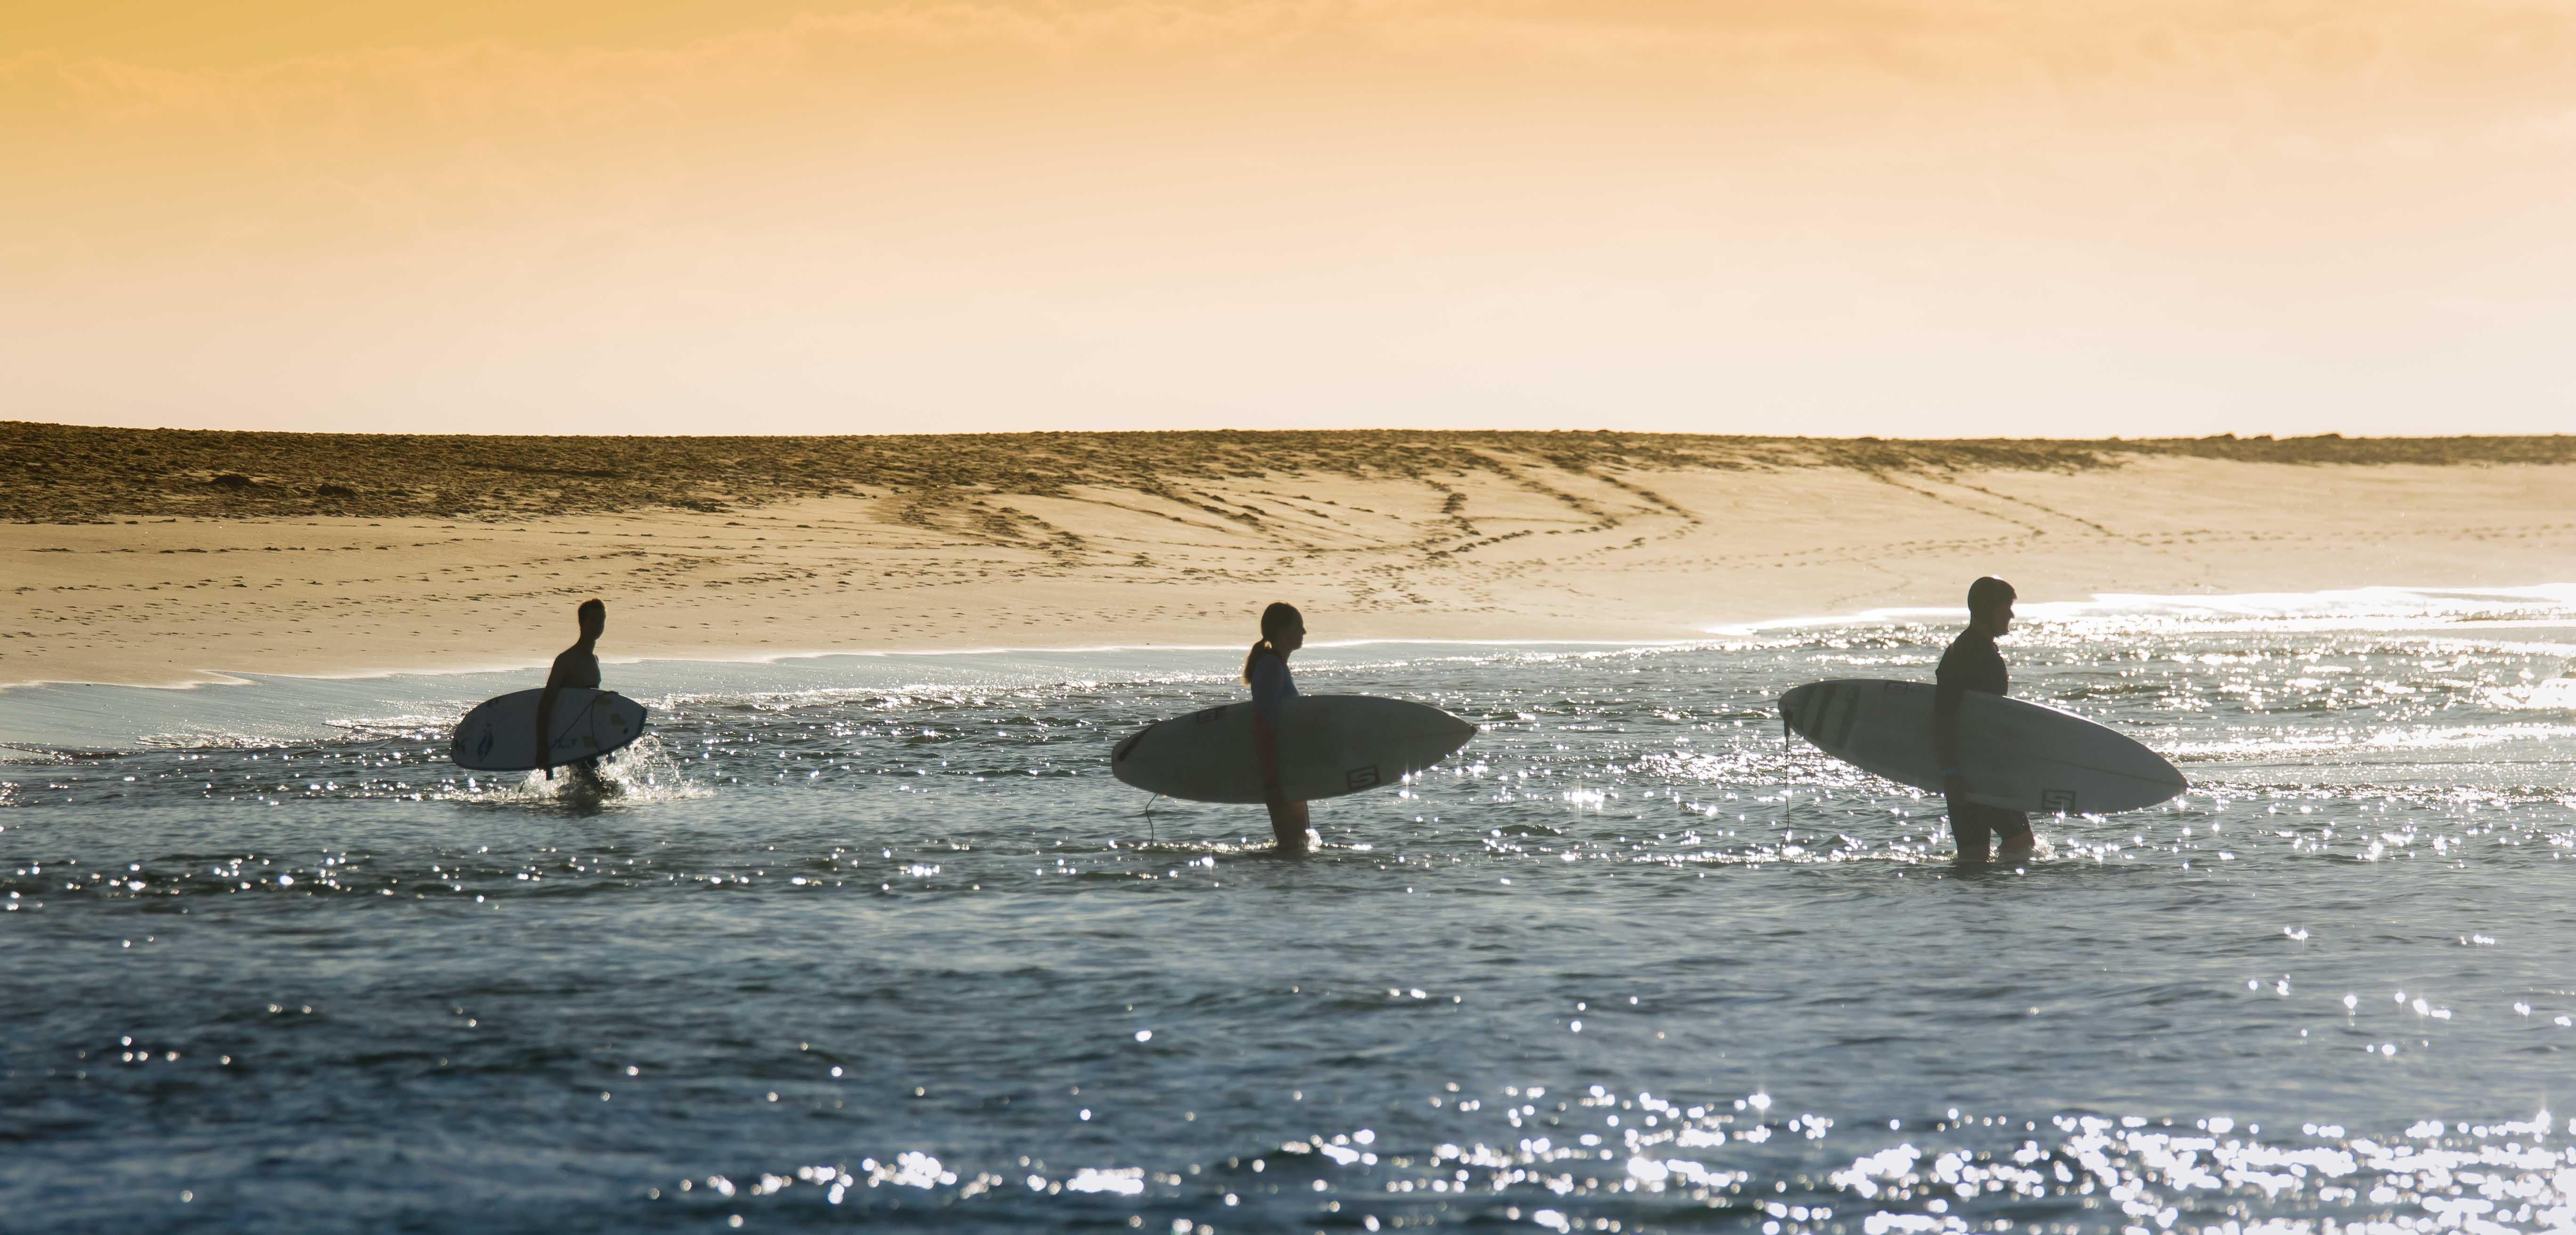 Racecourse Beach - Club 'Surfari' - South Curl Curl